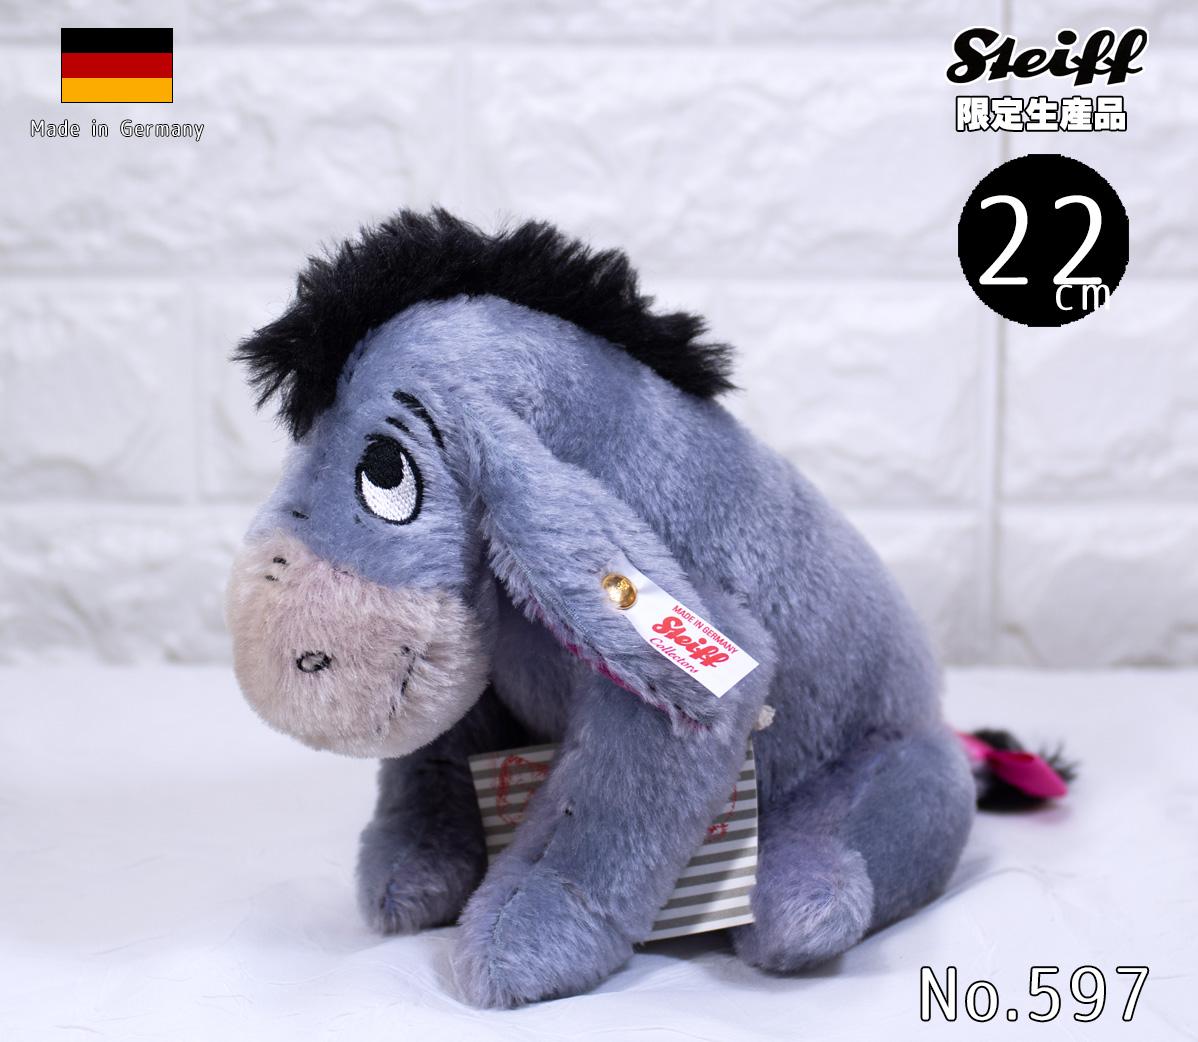 シュタイフ(steiff) アメリカ限定クマのプーさんよりミニチュア イーヨー 22cmSteiff Disney miniature Eeyore